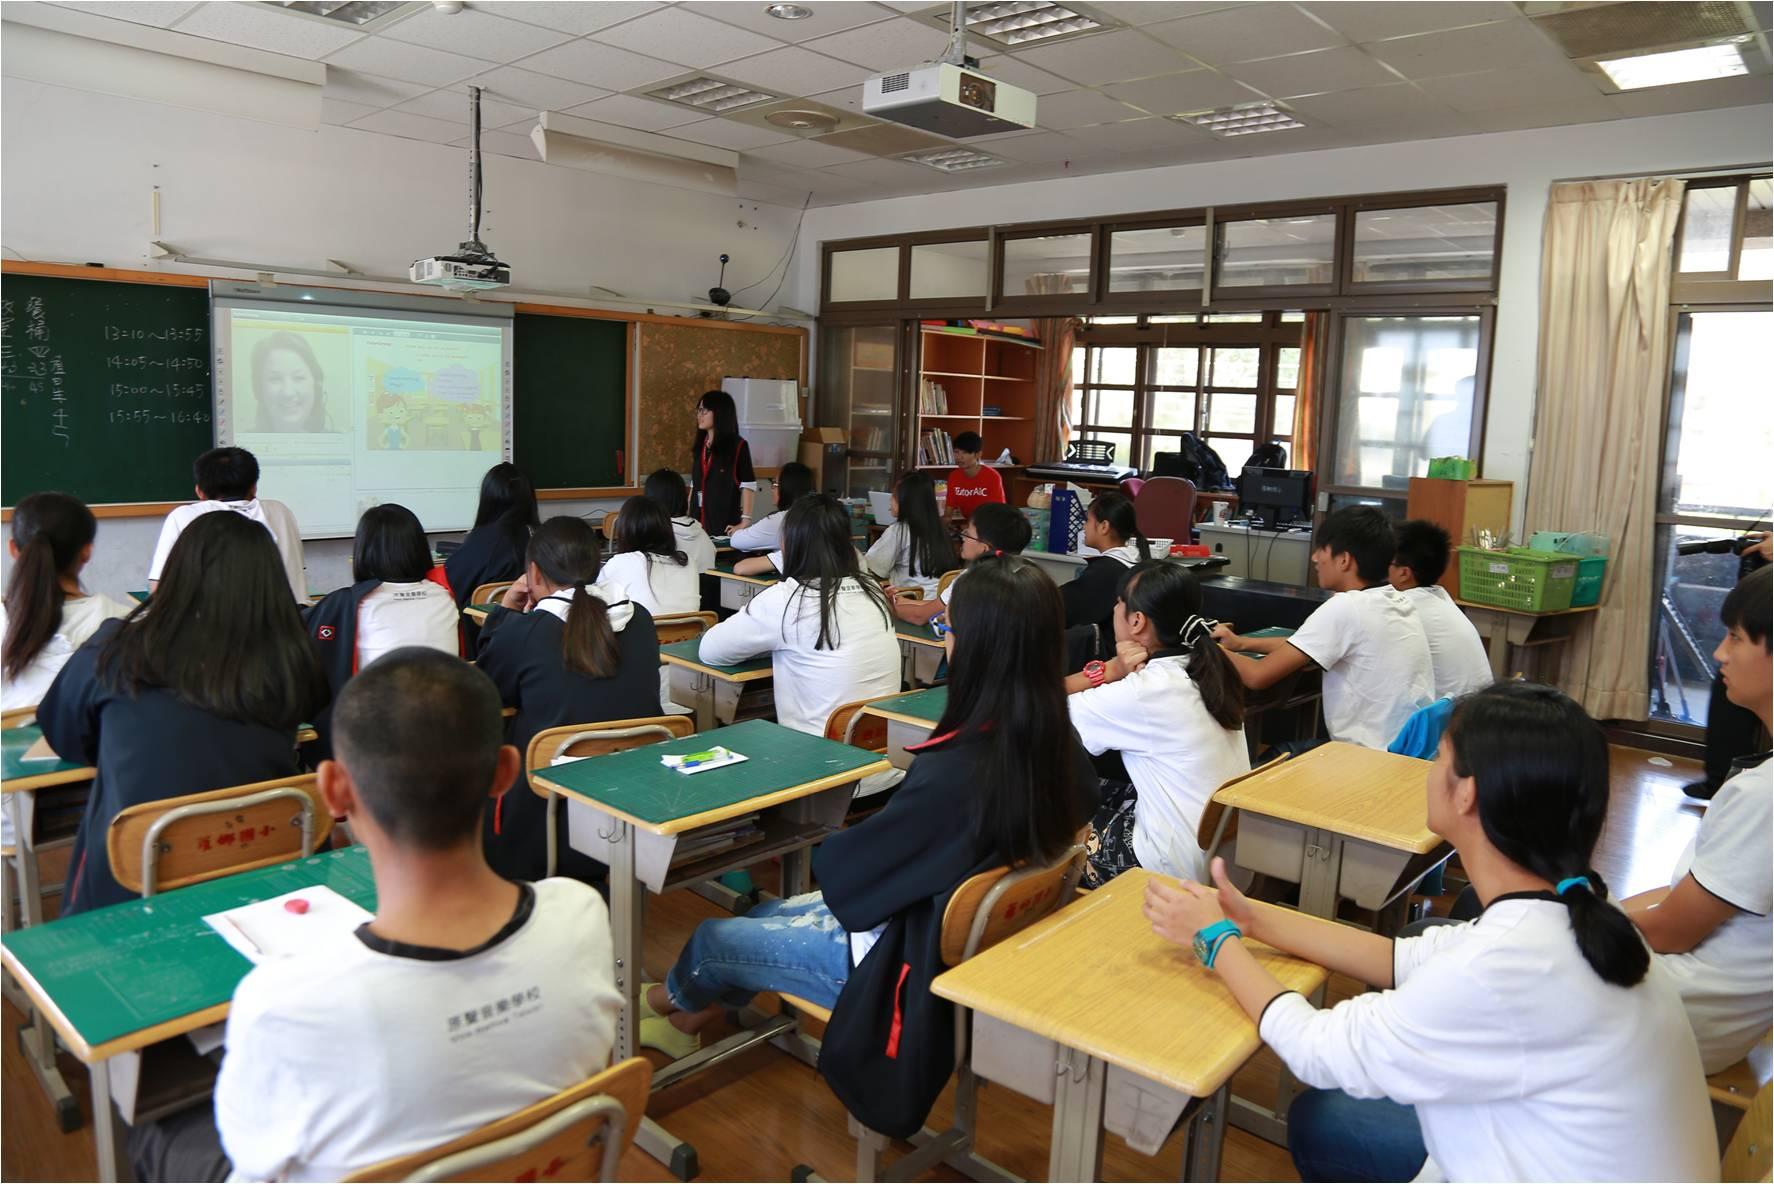 英語外籍教師匱乏!全台國中小學童每1萬人共用3位外籍教師!TutorABCJr Virtual Classroom 2.0雲端教室於海拔一千公尺開課!台灣之光─原聲童聲合唱團遠距Live教學獲好評